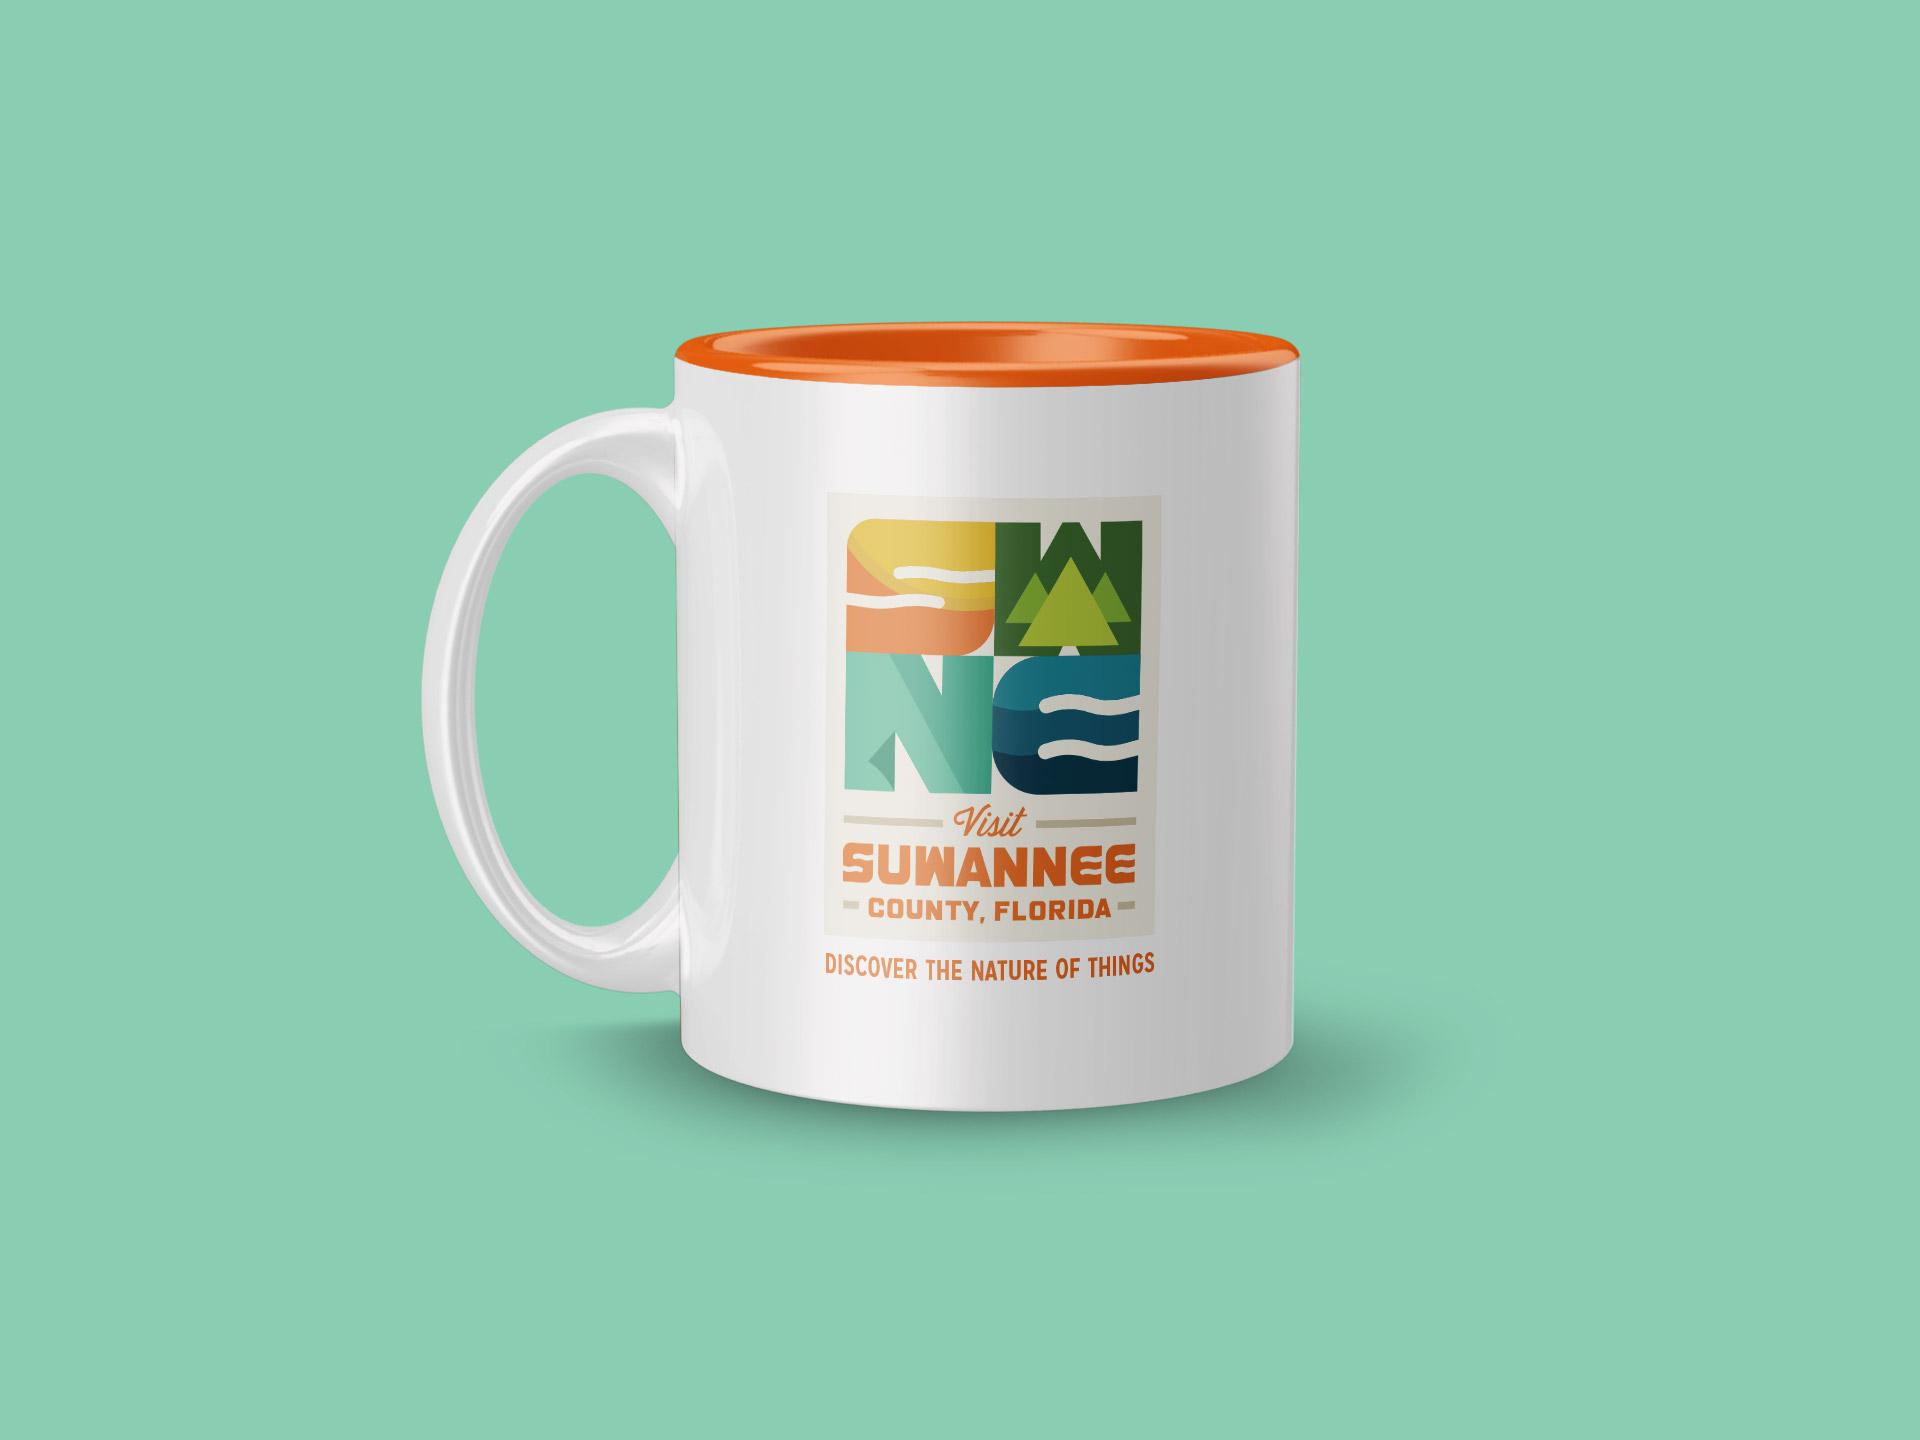 suwannee county mug design